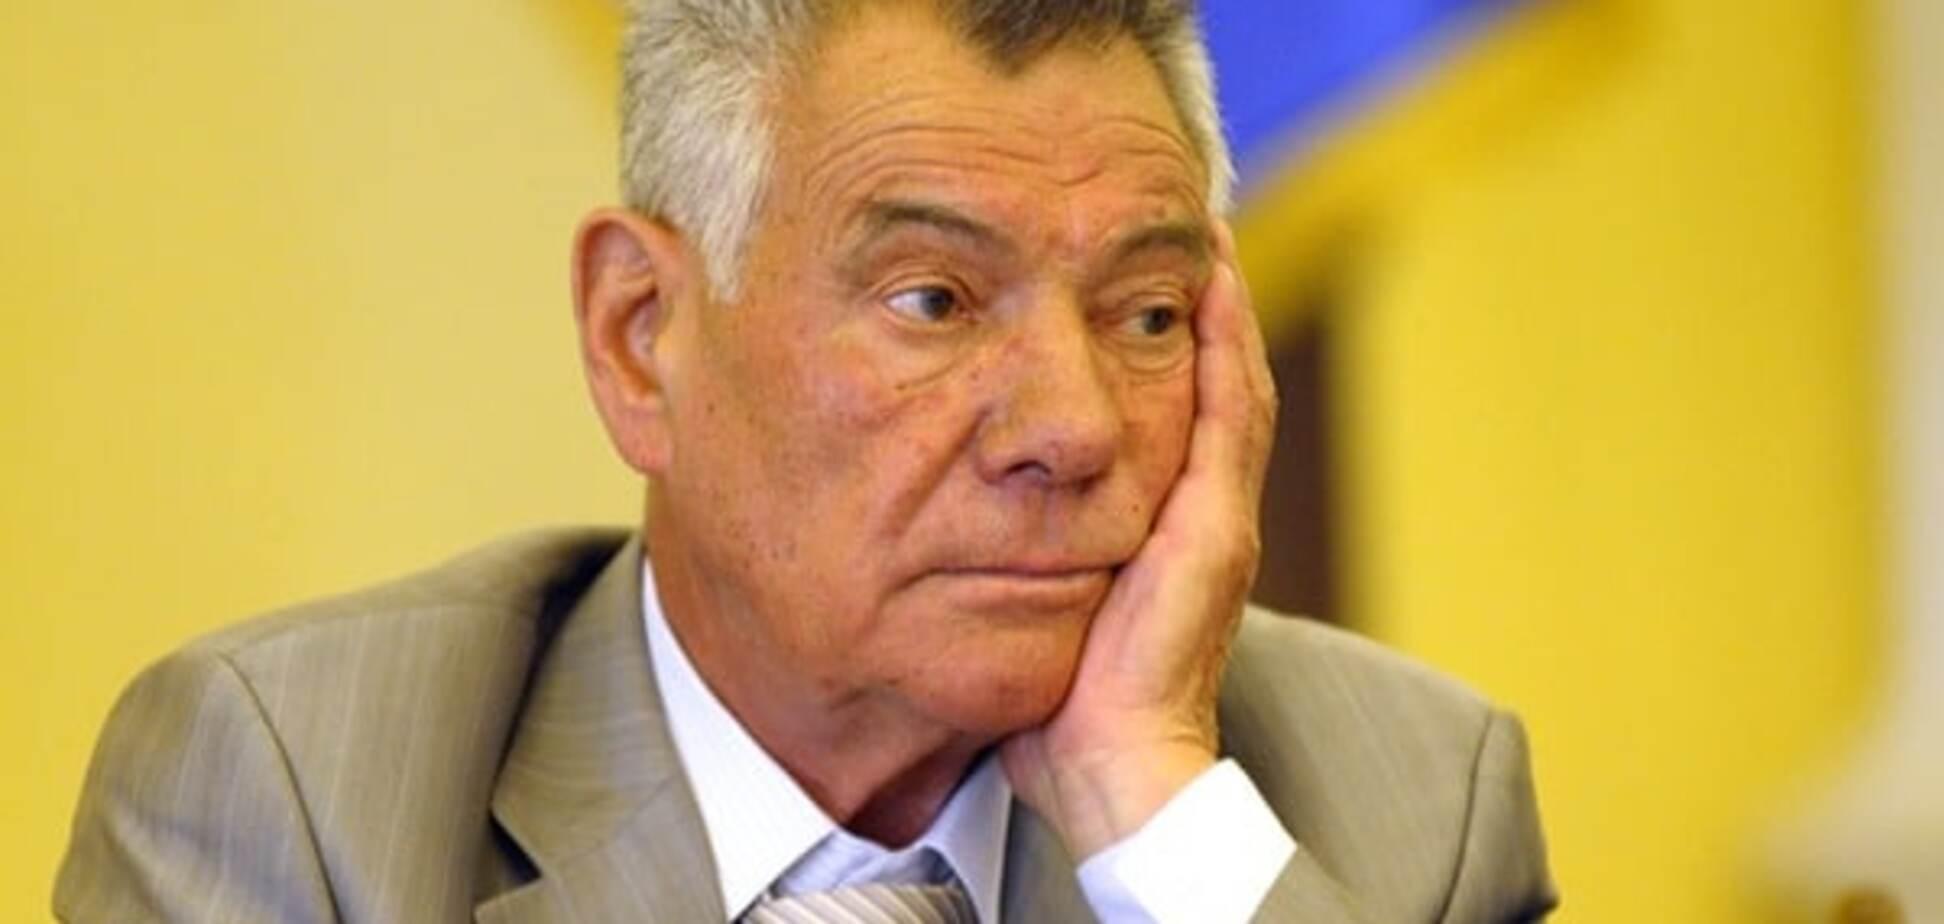 Семье погибшей в ДТП с машиной Омельченко помощи не предлагали - СМИ